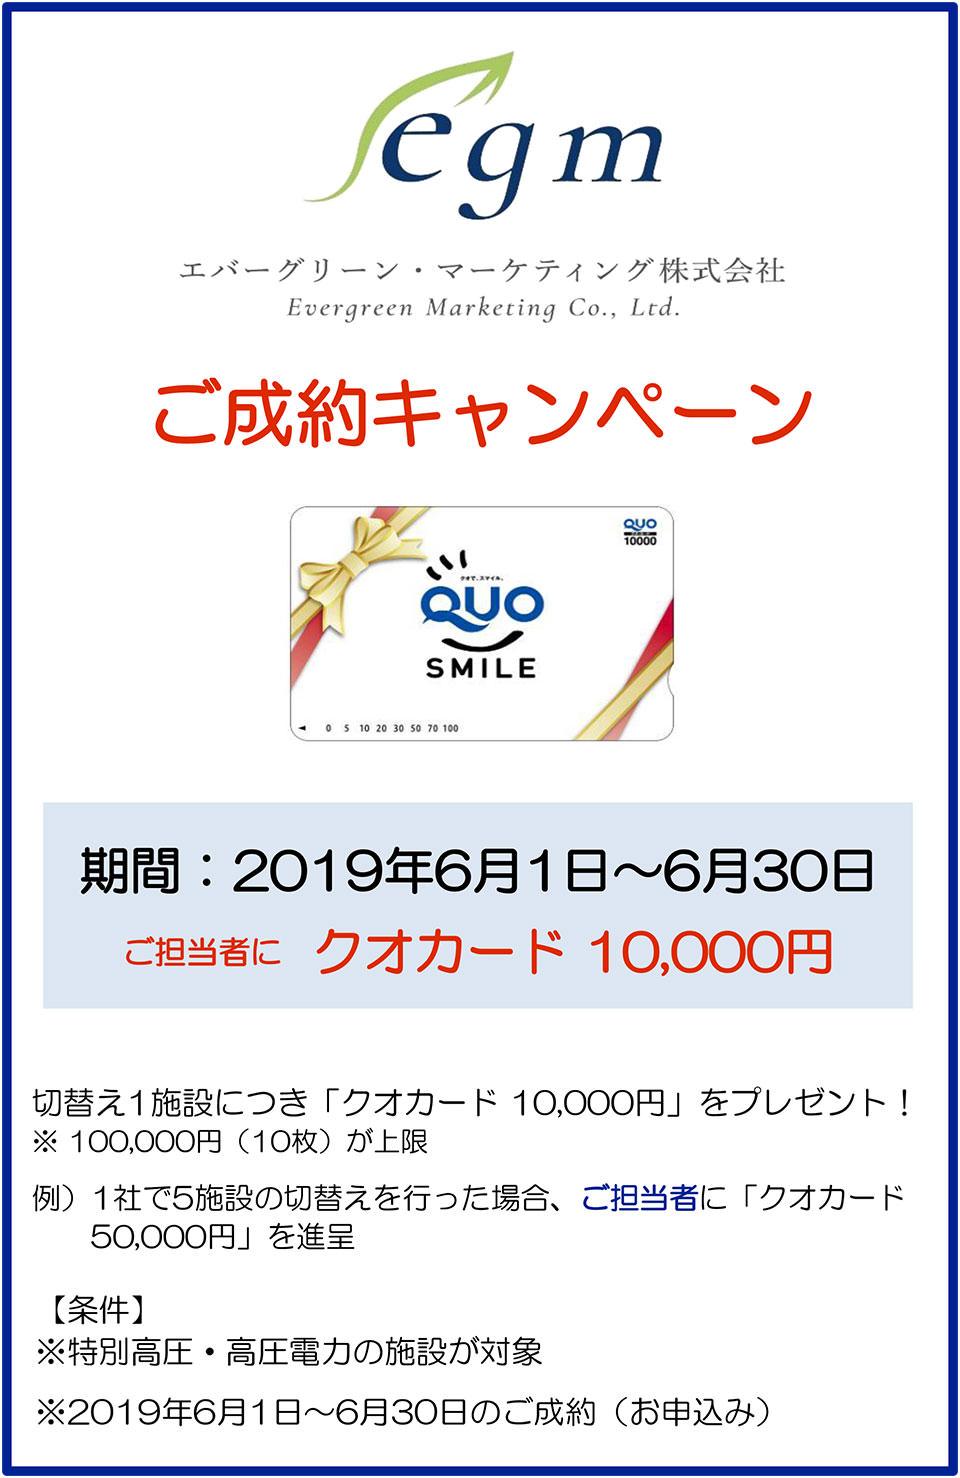 2019年06月01日 ご成約キャンペーン「クオカード10,000円」 期間:6/1~6/30